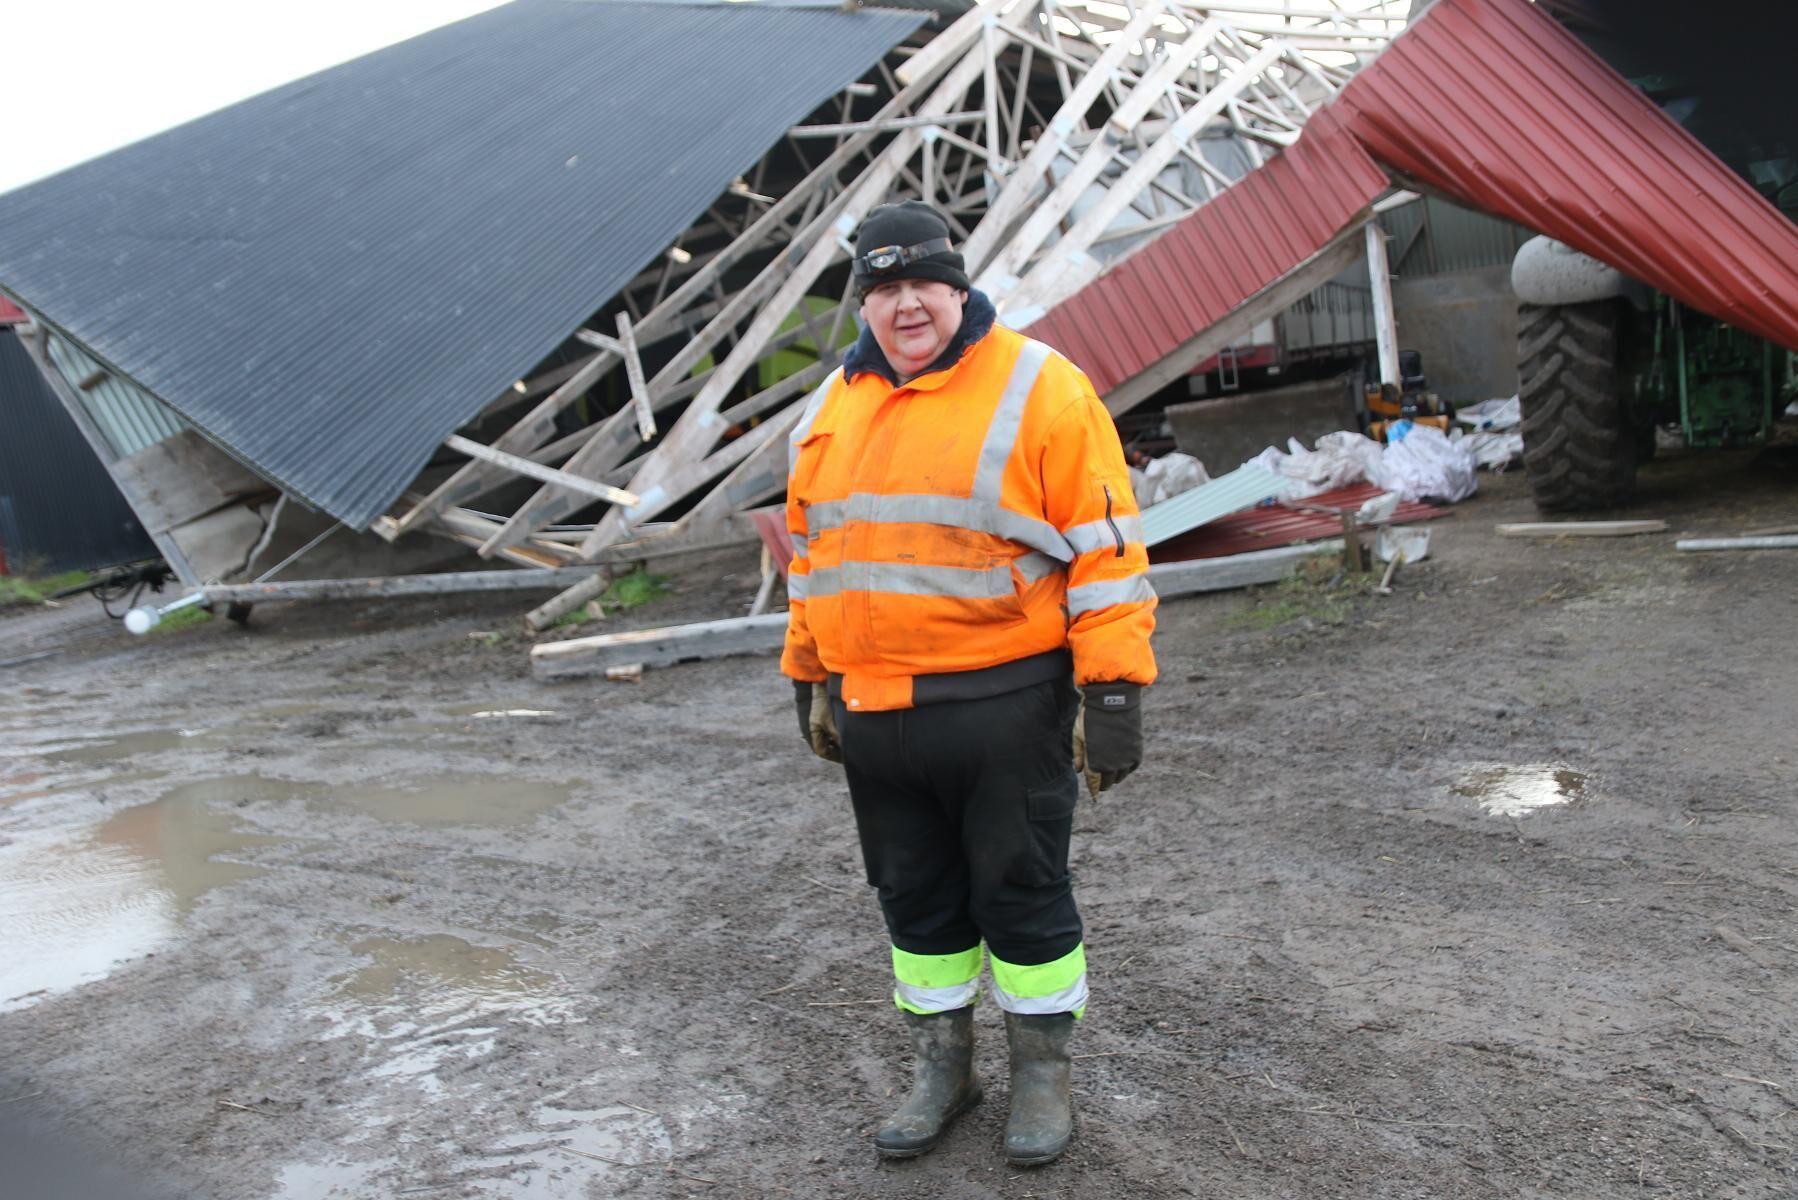 När Niclas Åkerlind kontaktade sitt försäkringsbolag var beskedet att det blåst för lite för att han skulle få några pengar.